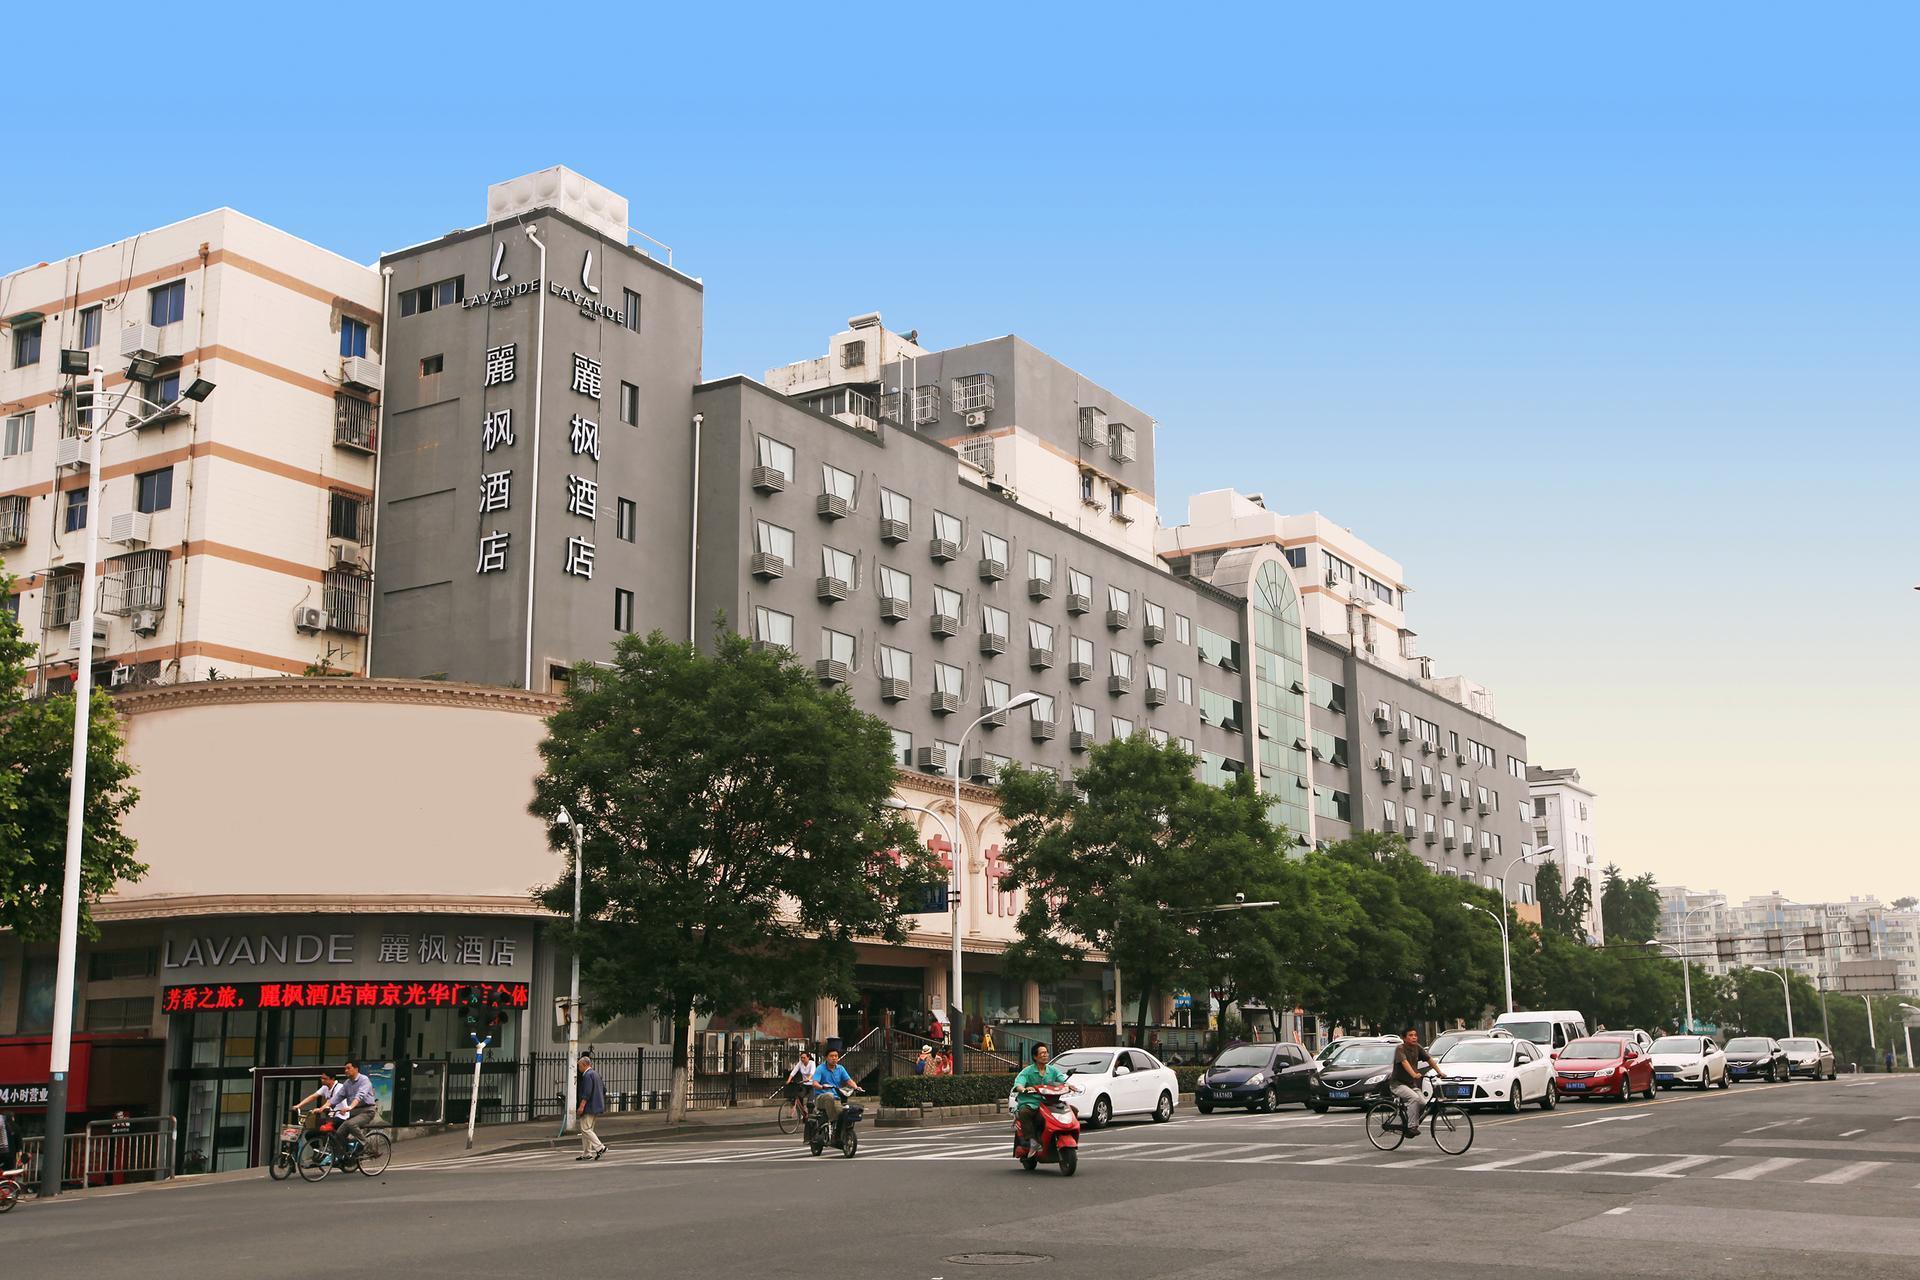 Lavande Hotels Nanjing Confucius Temple Daguang Road